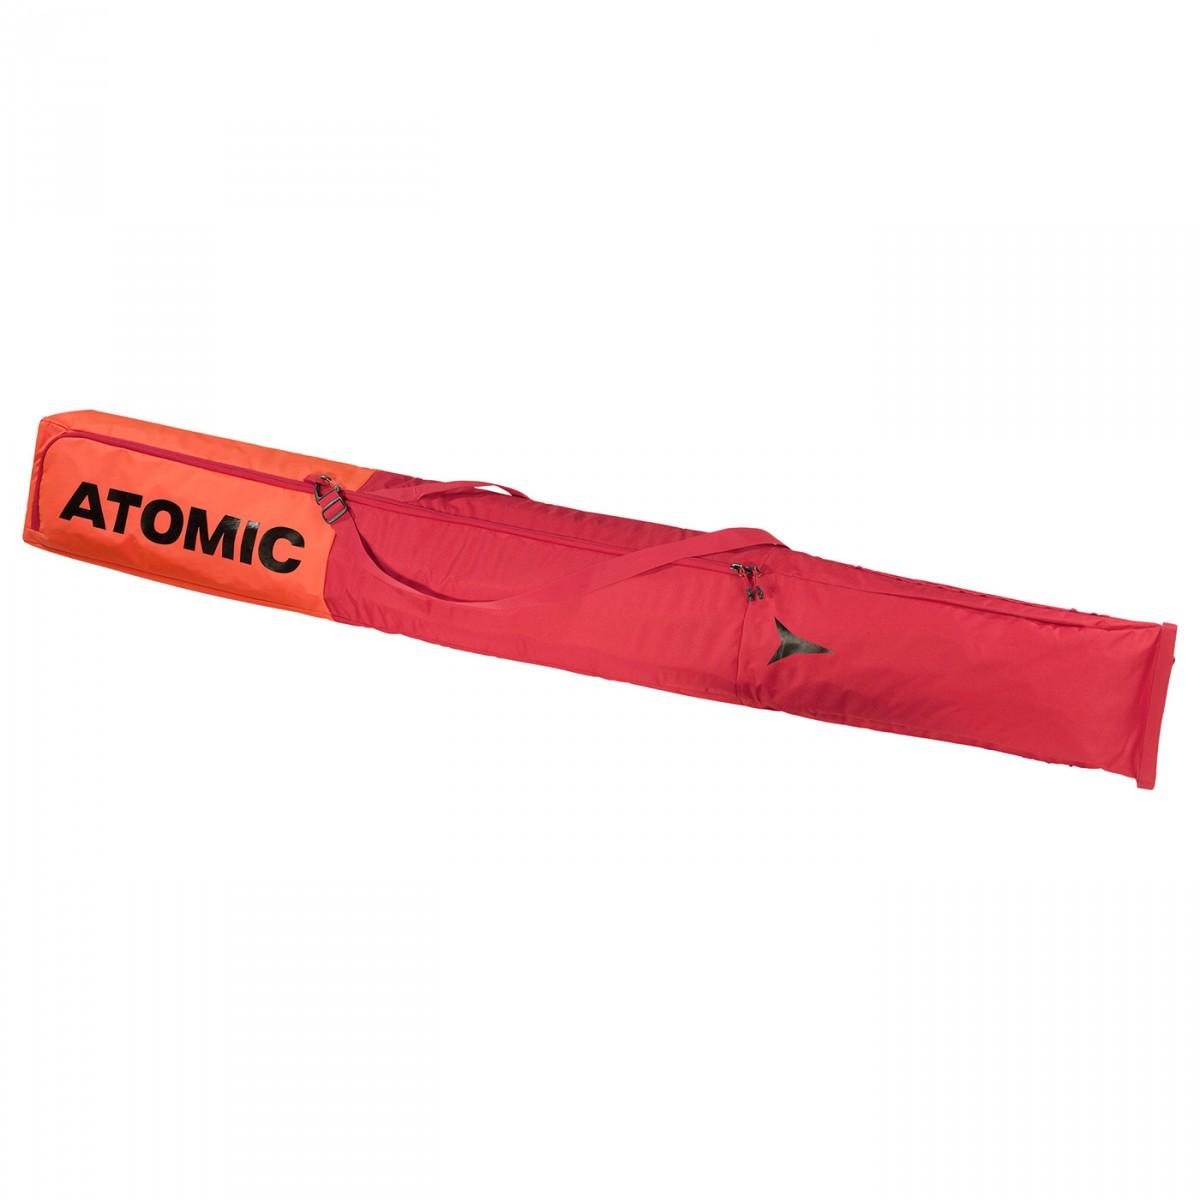 Sacca portasci atomic accessori sci - Sacca porta sci ...